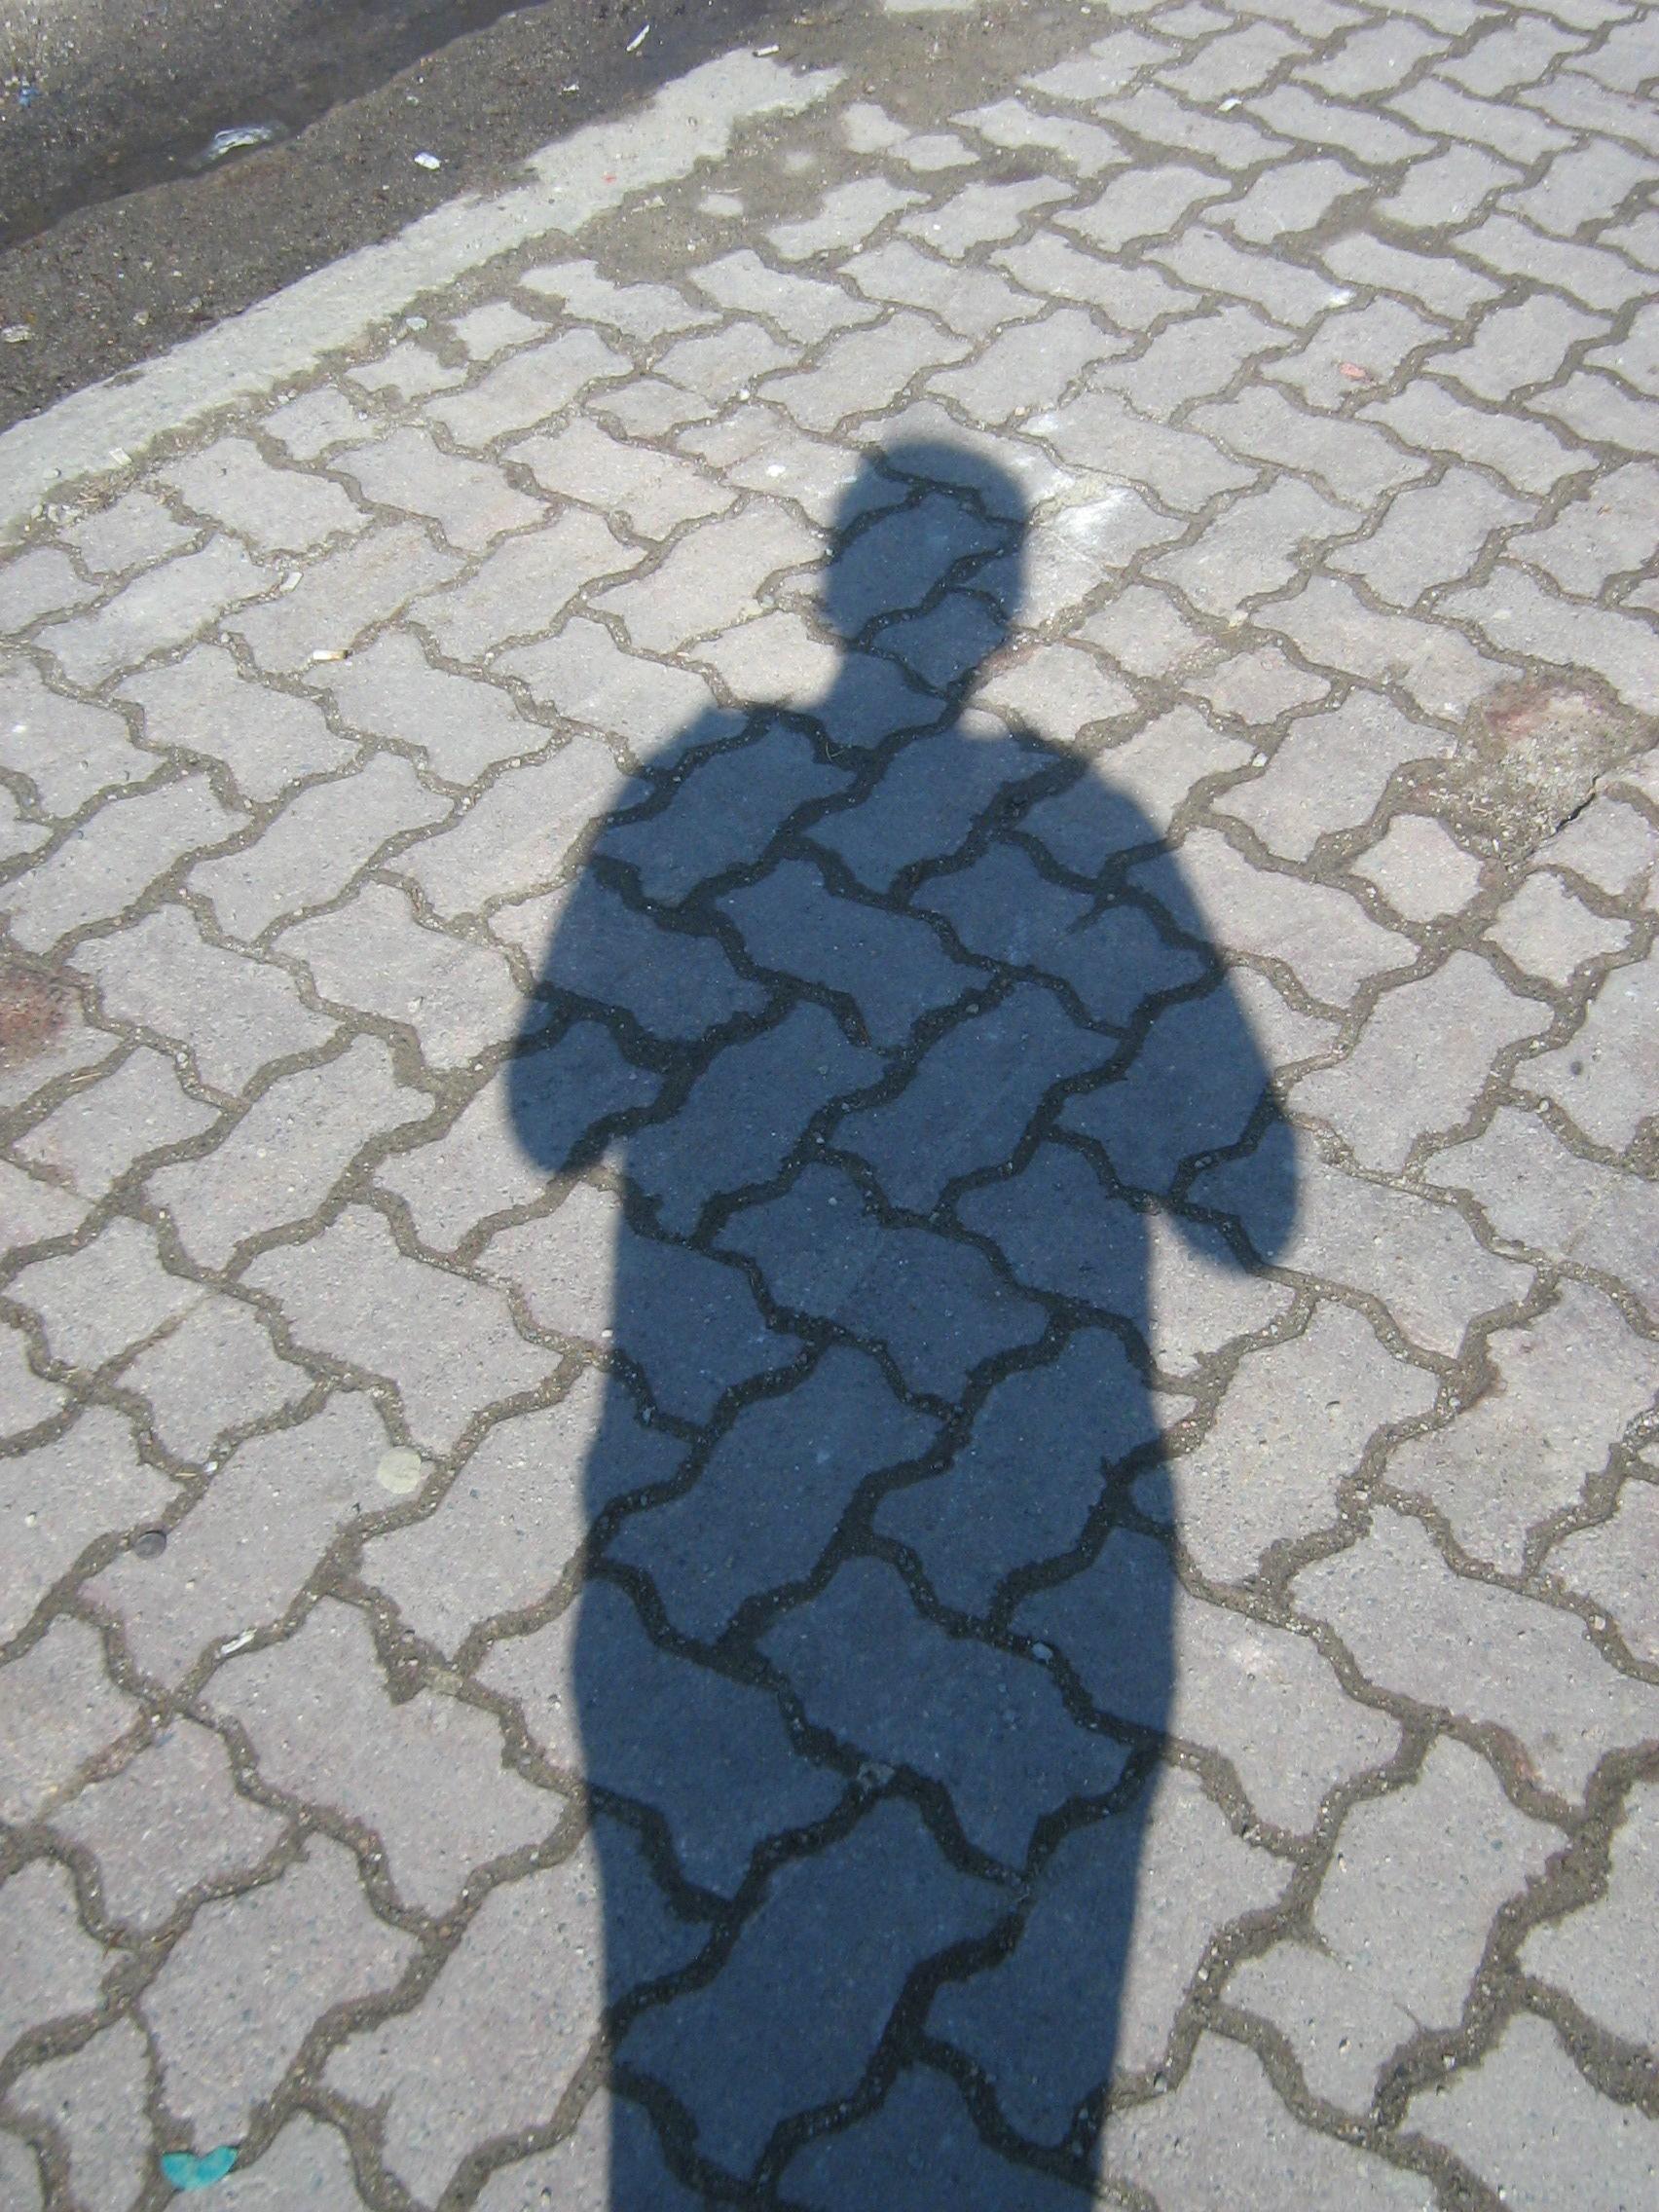 Shadow_on_sidewalk